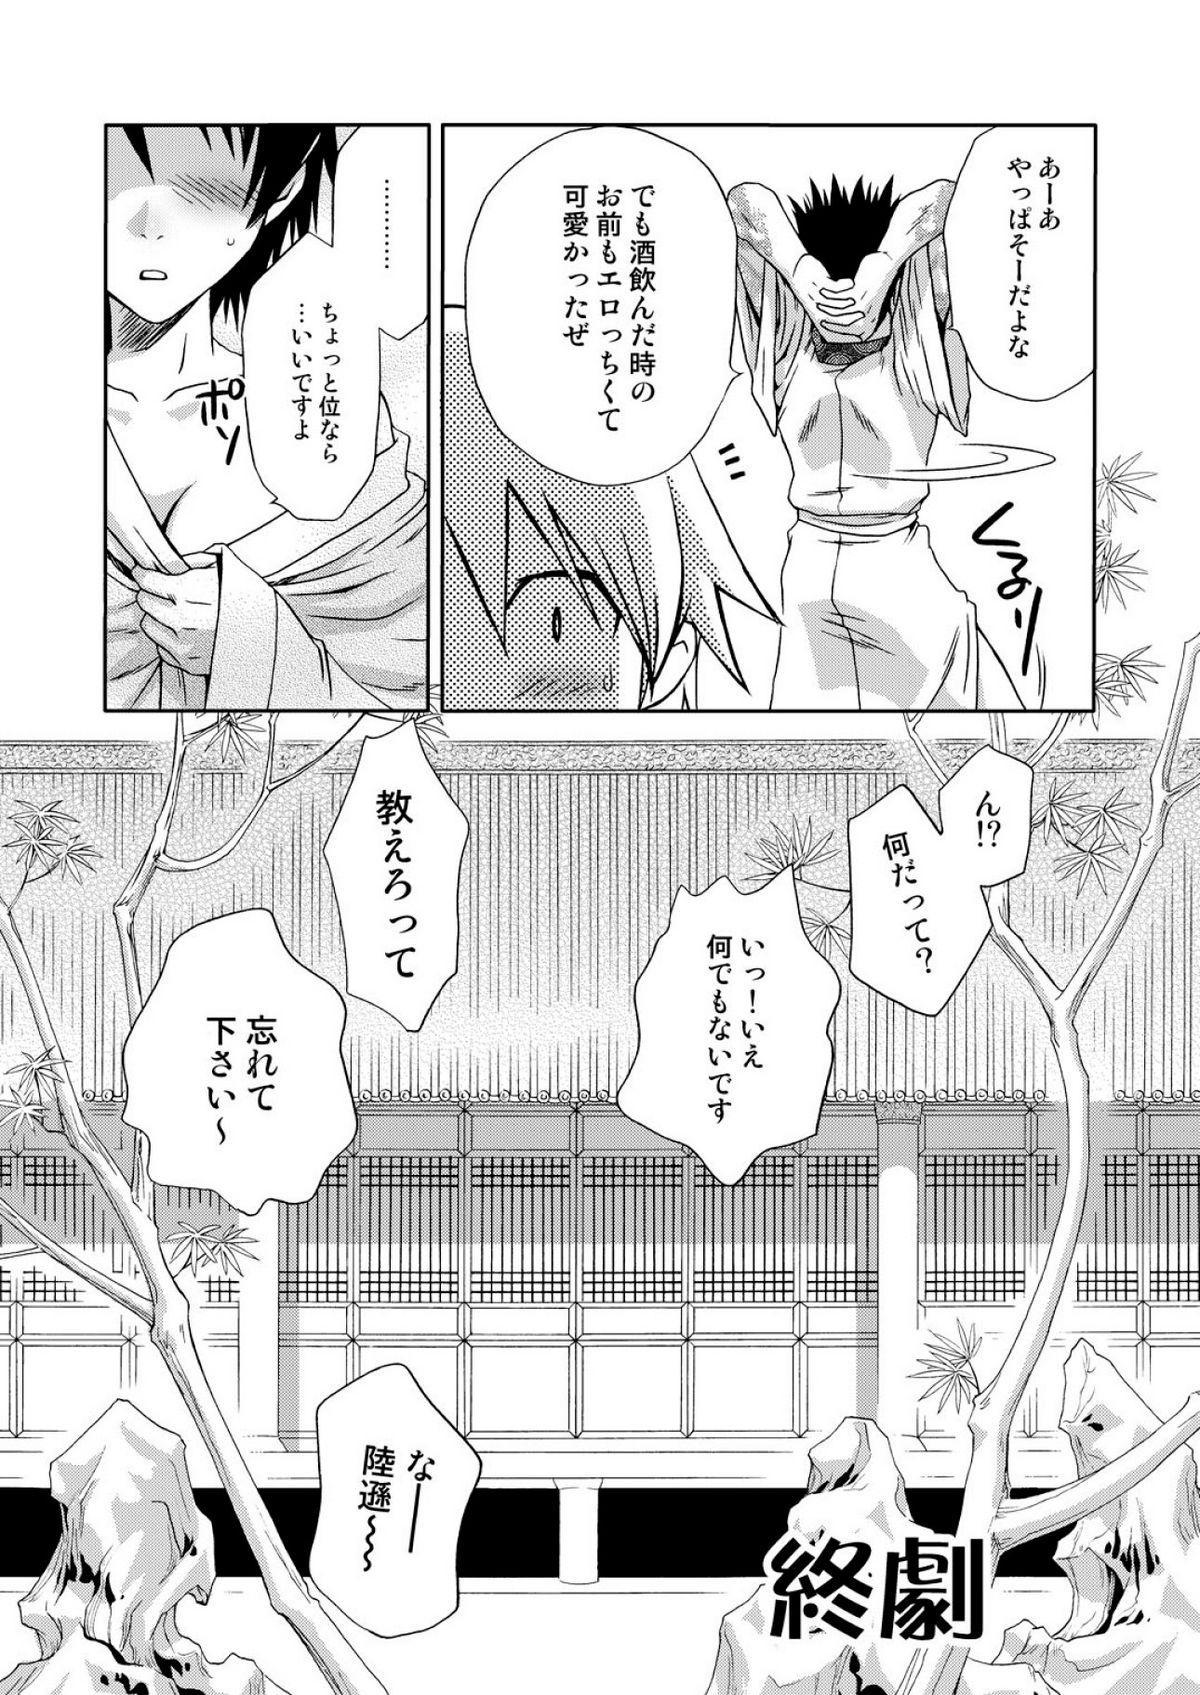 In Sangoku Musou 3 60